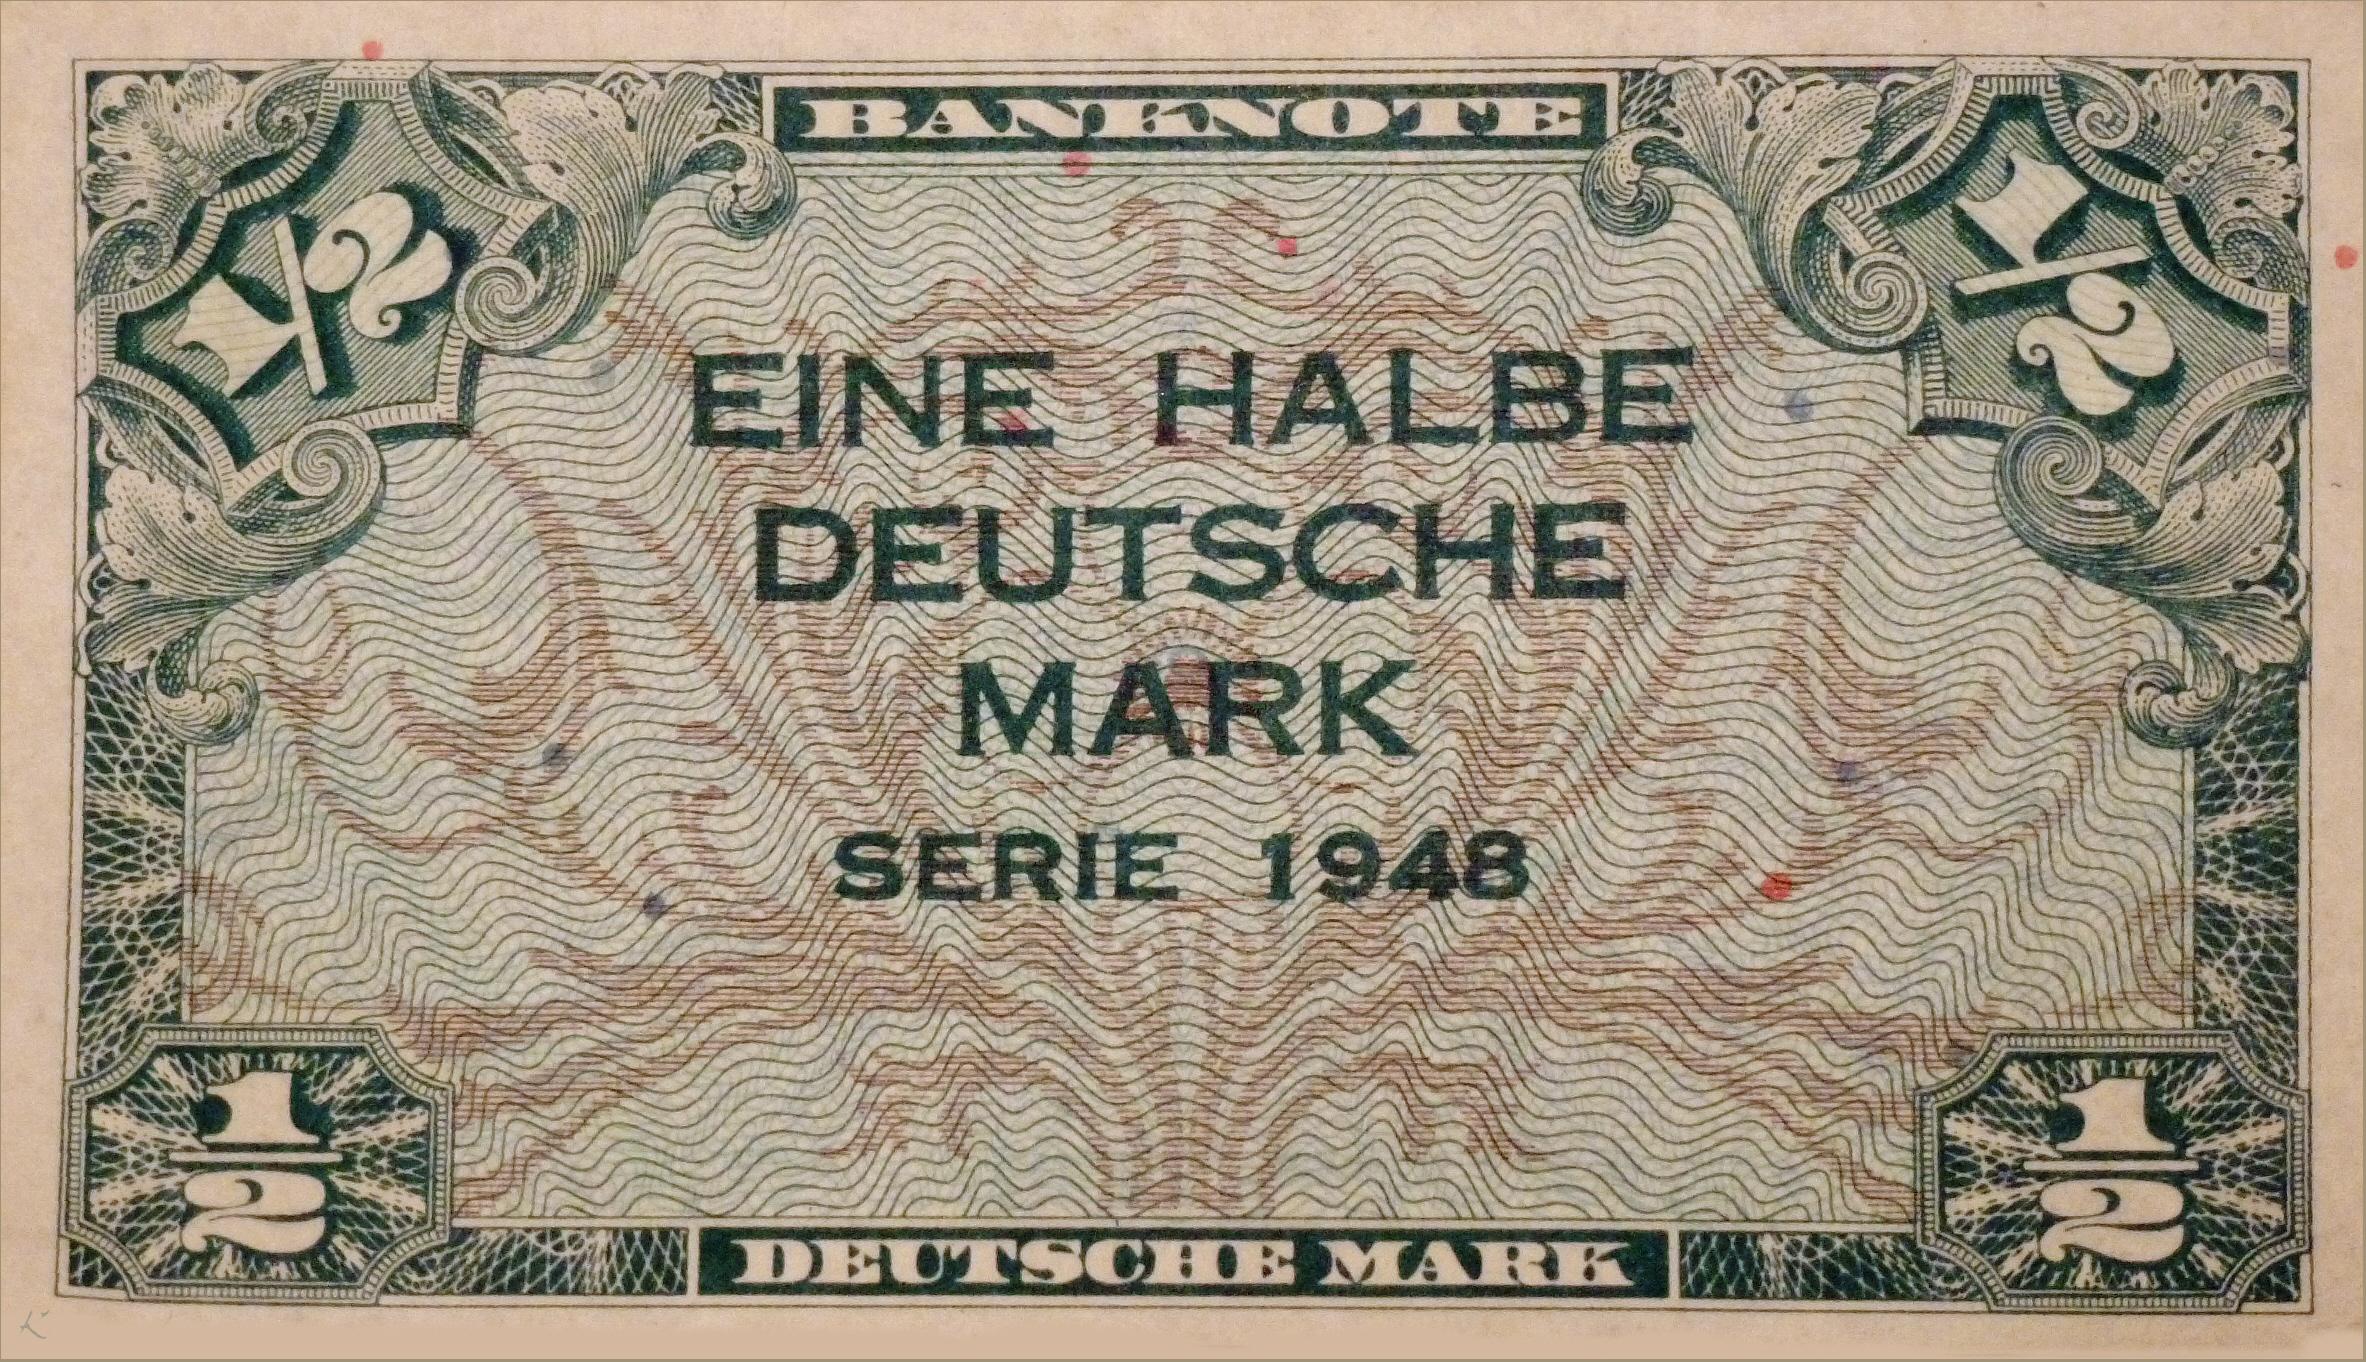 1948 Eine Halbe Deutsche Mark Fotos Auf Chroniknet Com